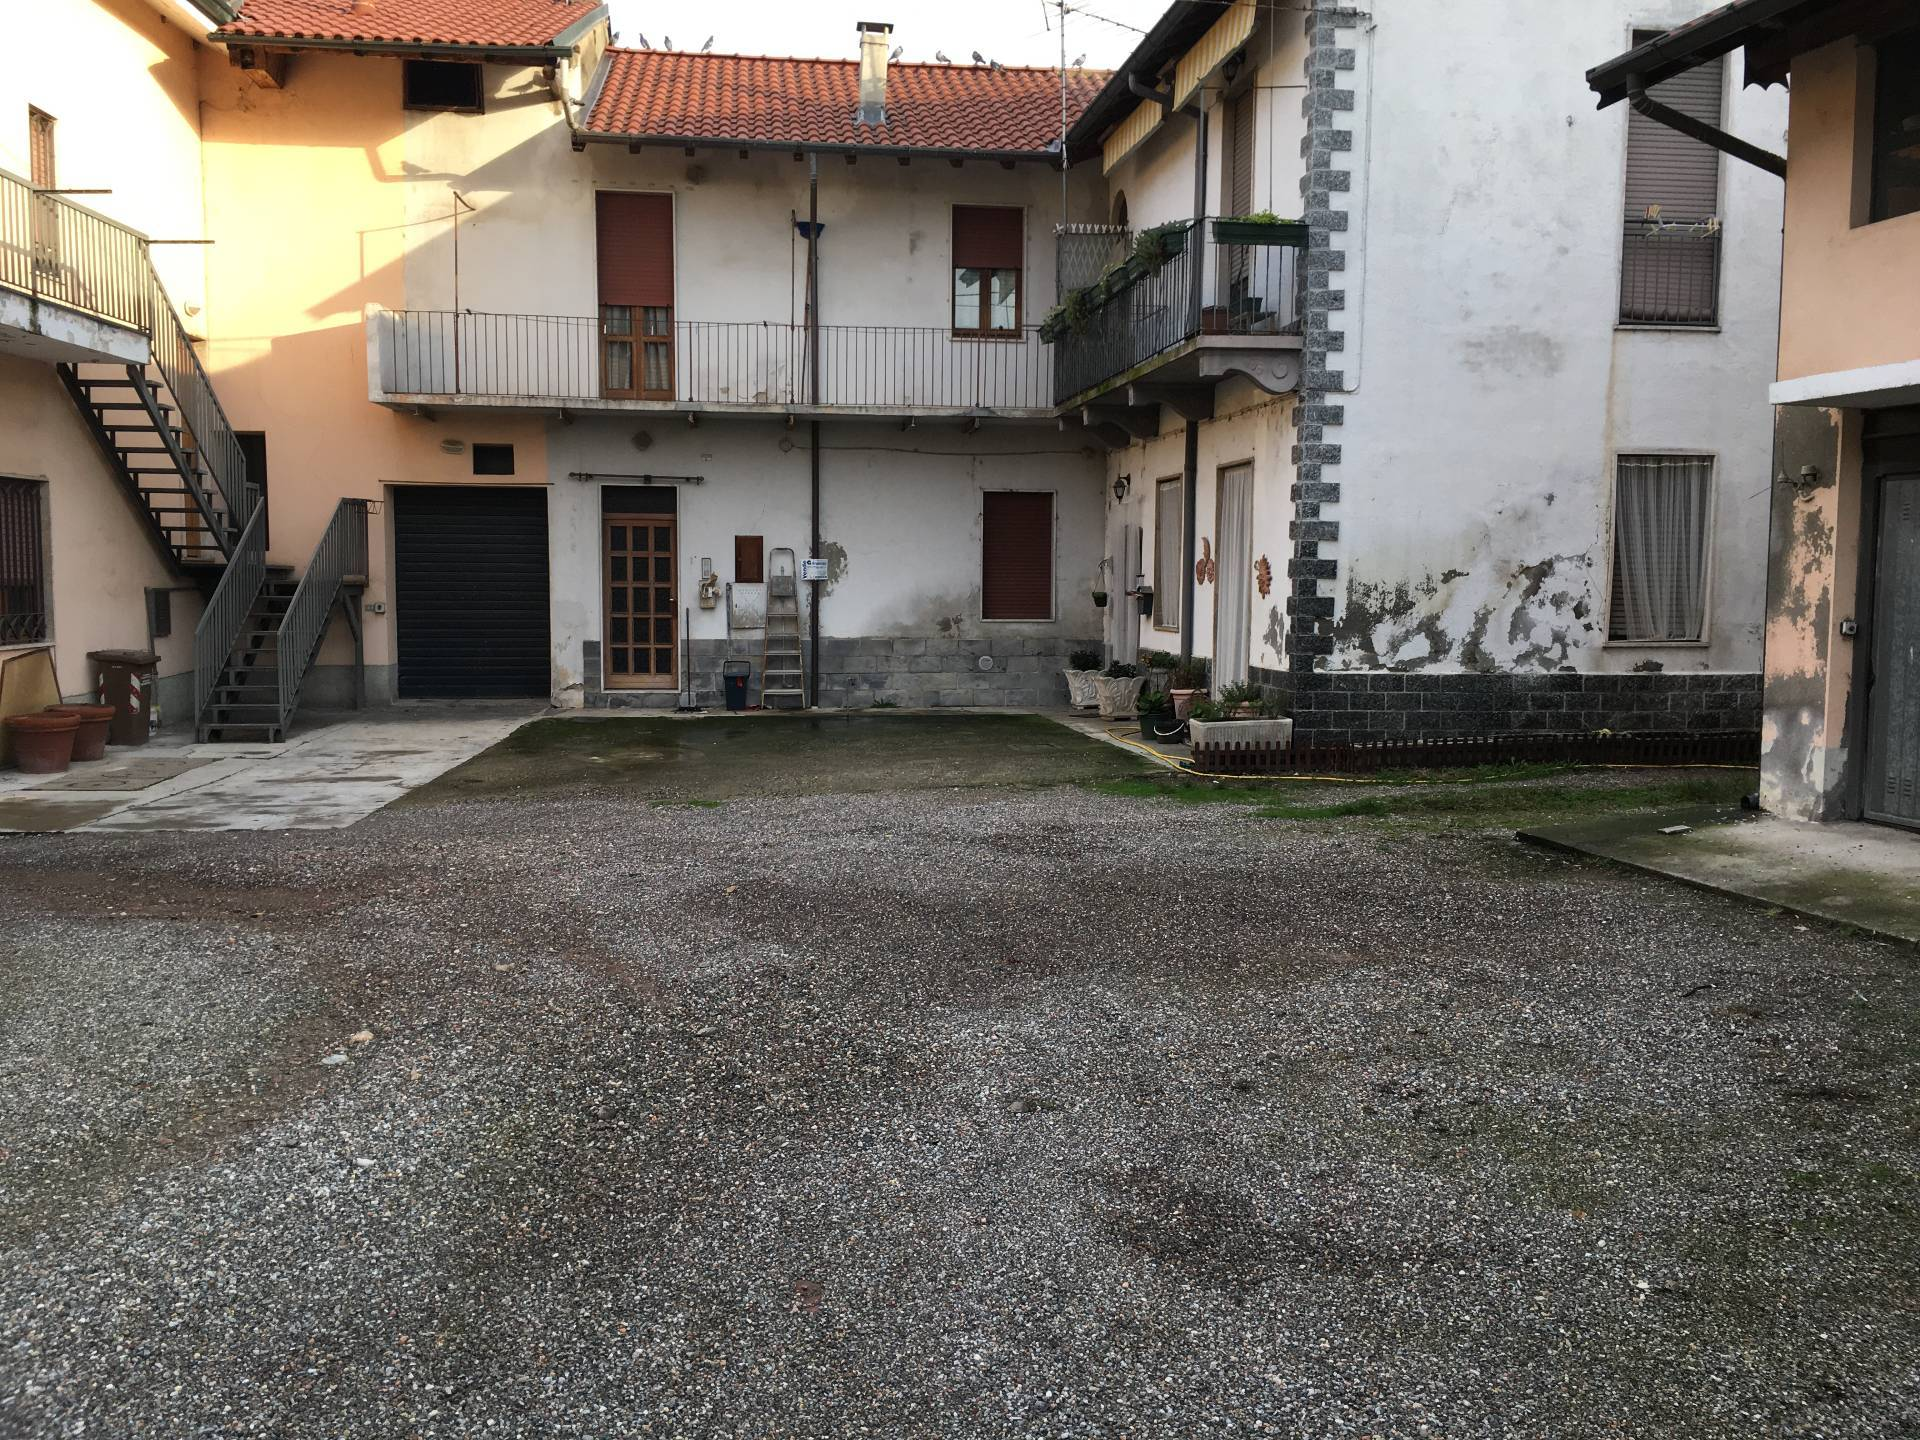 Rustico / Casale in vendita a Boffalora Sopra Ticino, 3 locali, prezzo € 90.000 | PortaleAgenzieImmobiliari.it